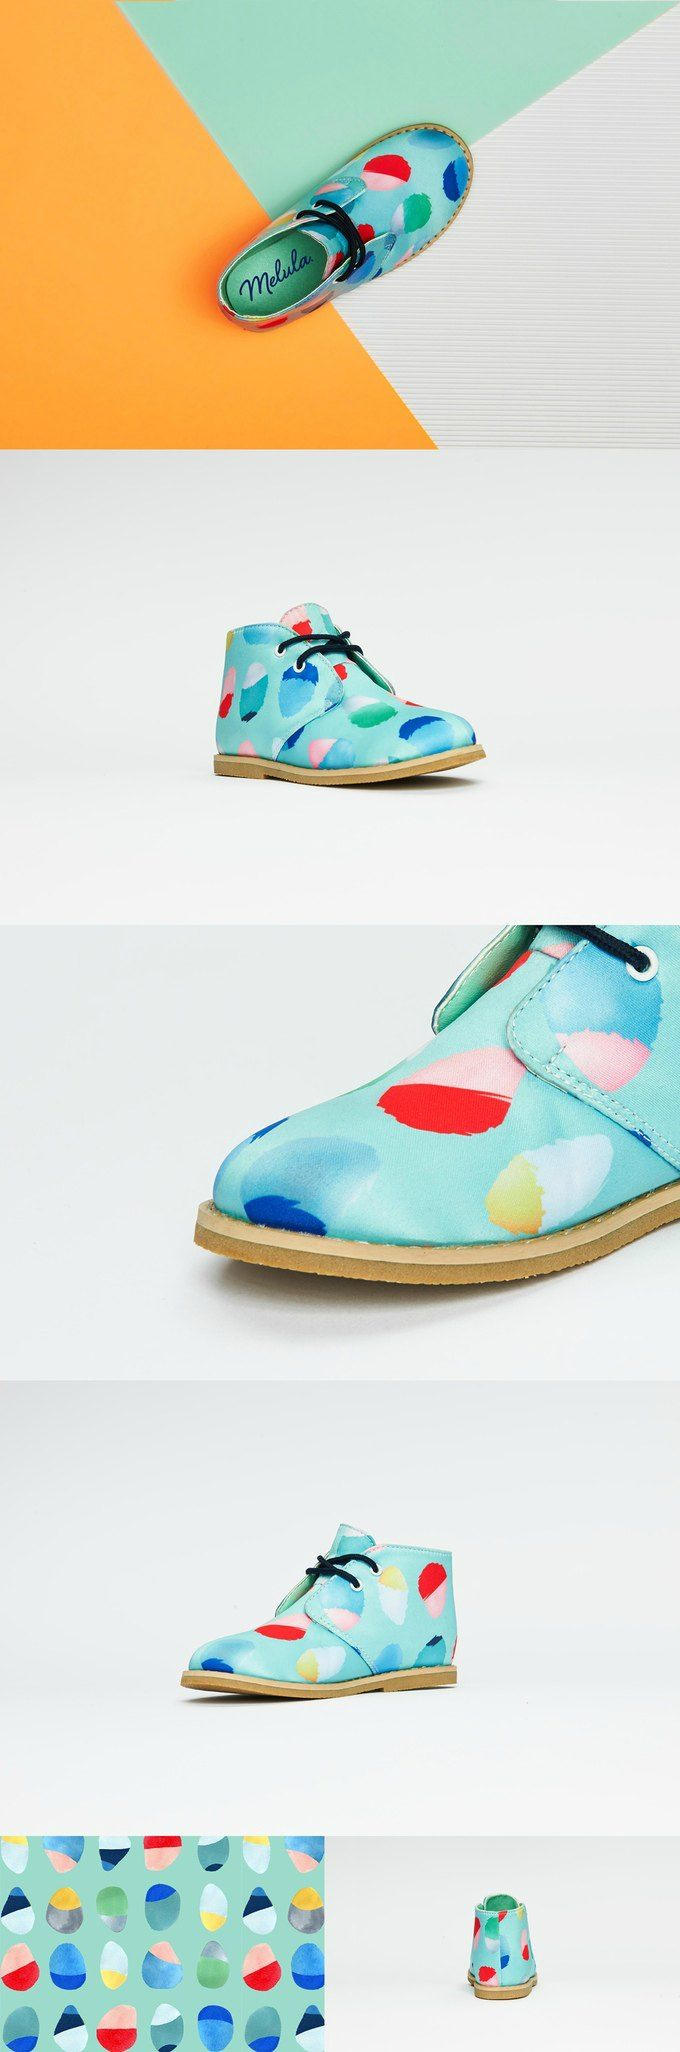 Melula, Well-designed Scandinavian Shoes - Petit & Small #melula #melula_copenhagen #melulashoes